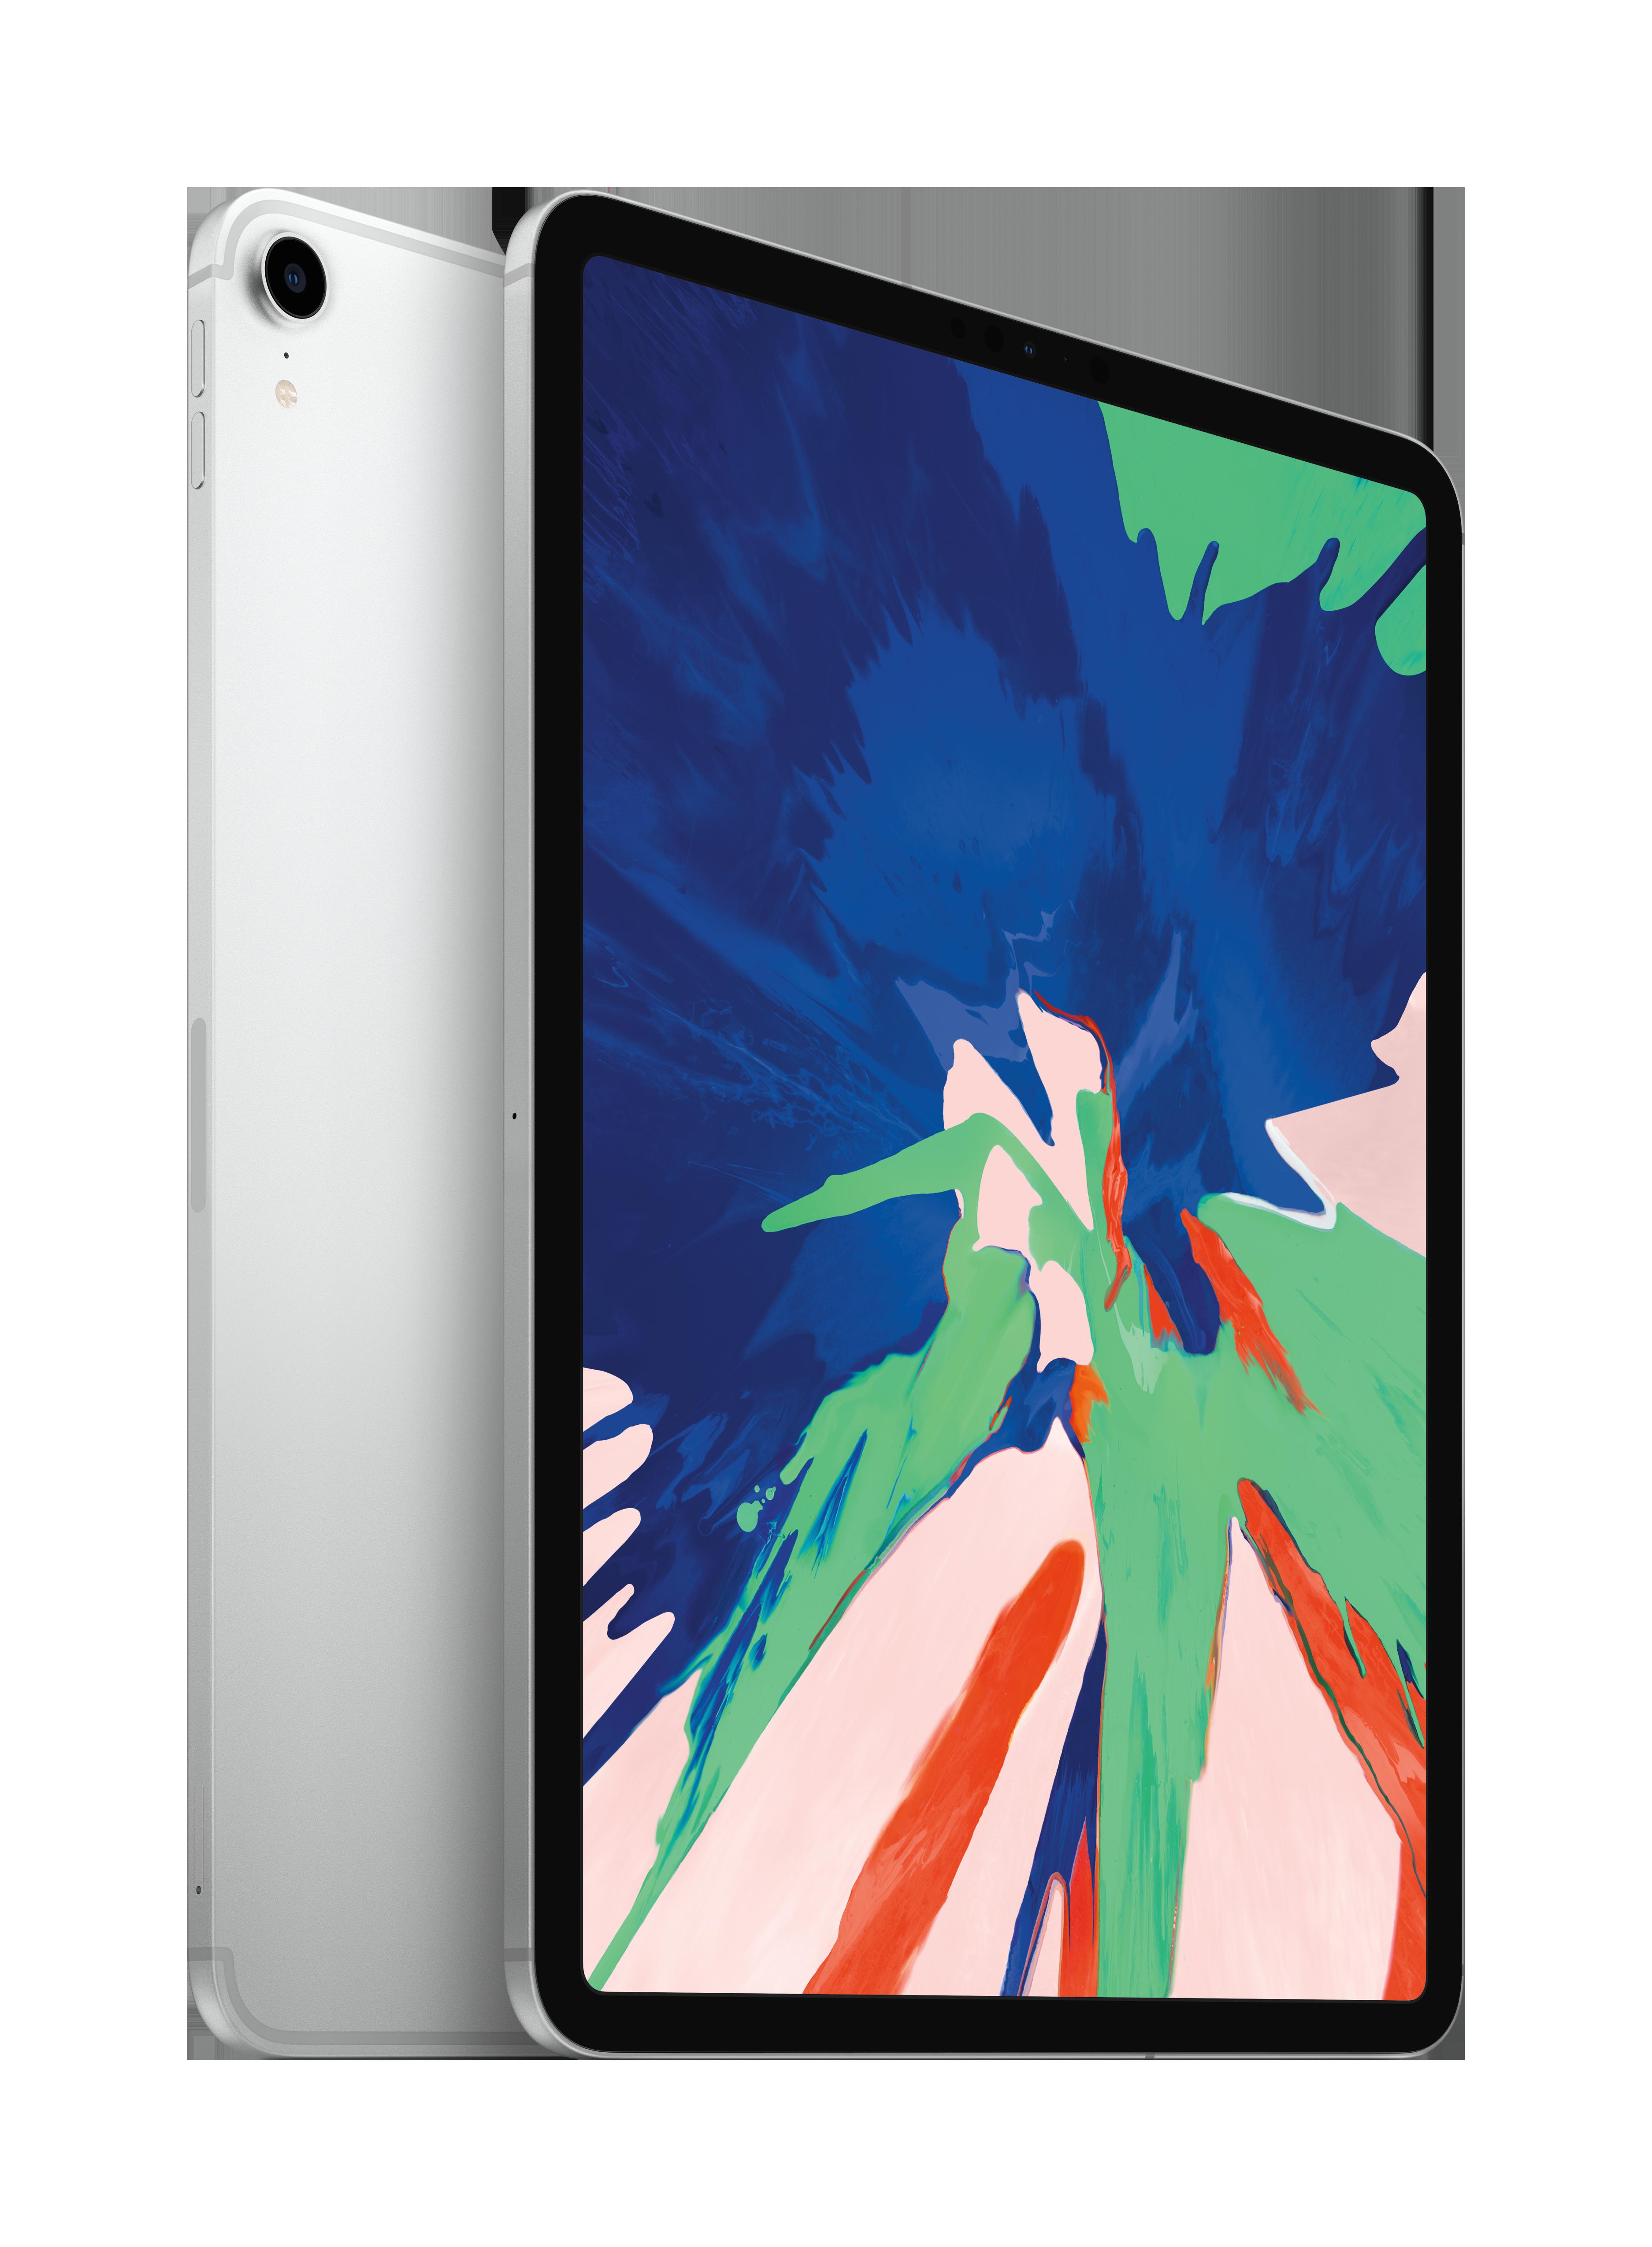 e32a6eb3eef Køb den nye iPad Pro hos POWER - Power.dk